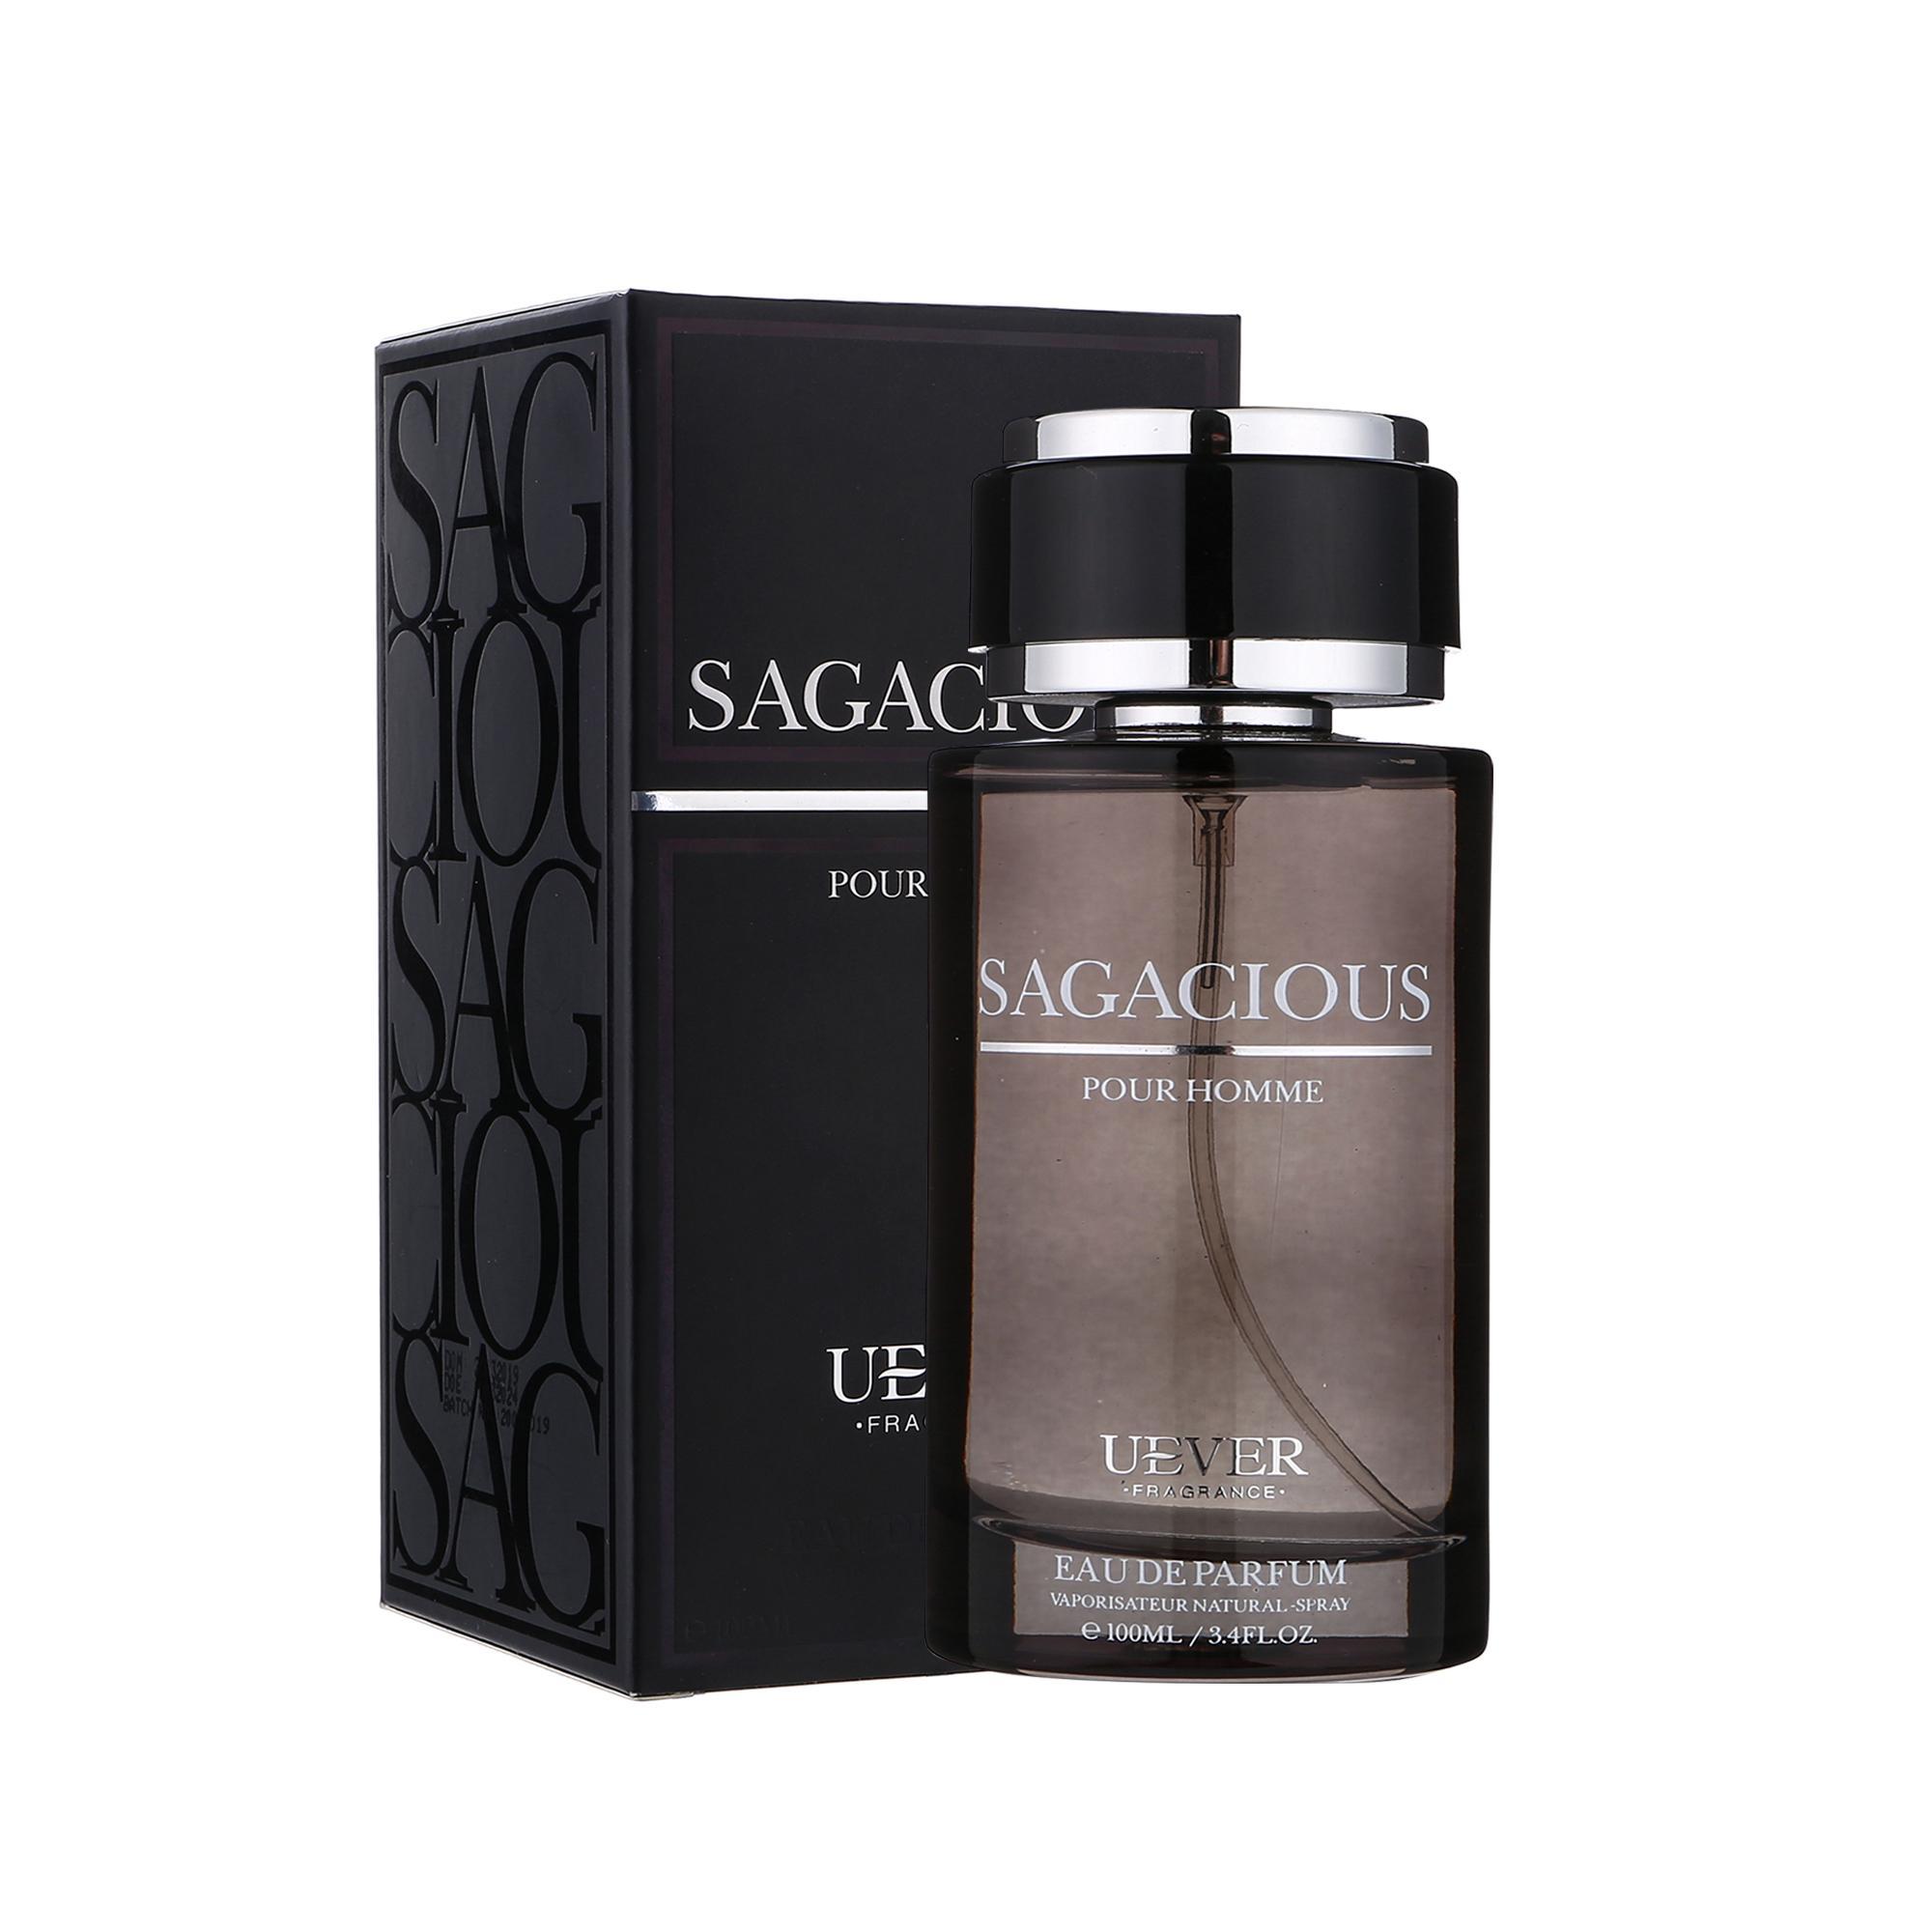 Nước hoa nam cao cấp SAGA Cologne thương hiệu Pháp UEVER 100ml lưu hương 10 tiếng nhập khẩu